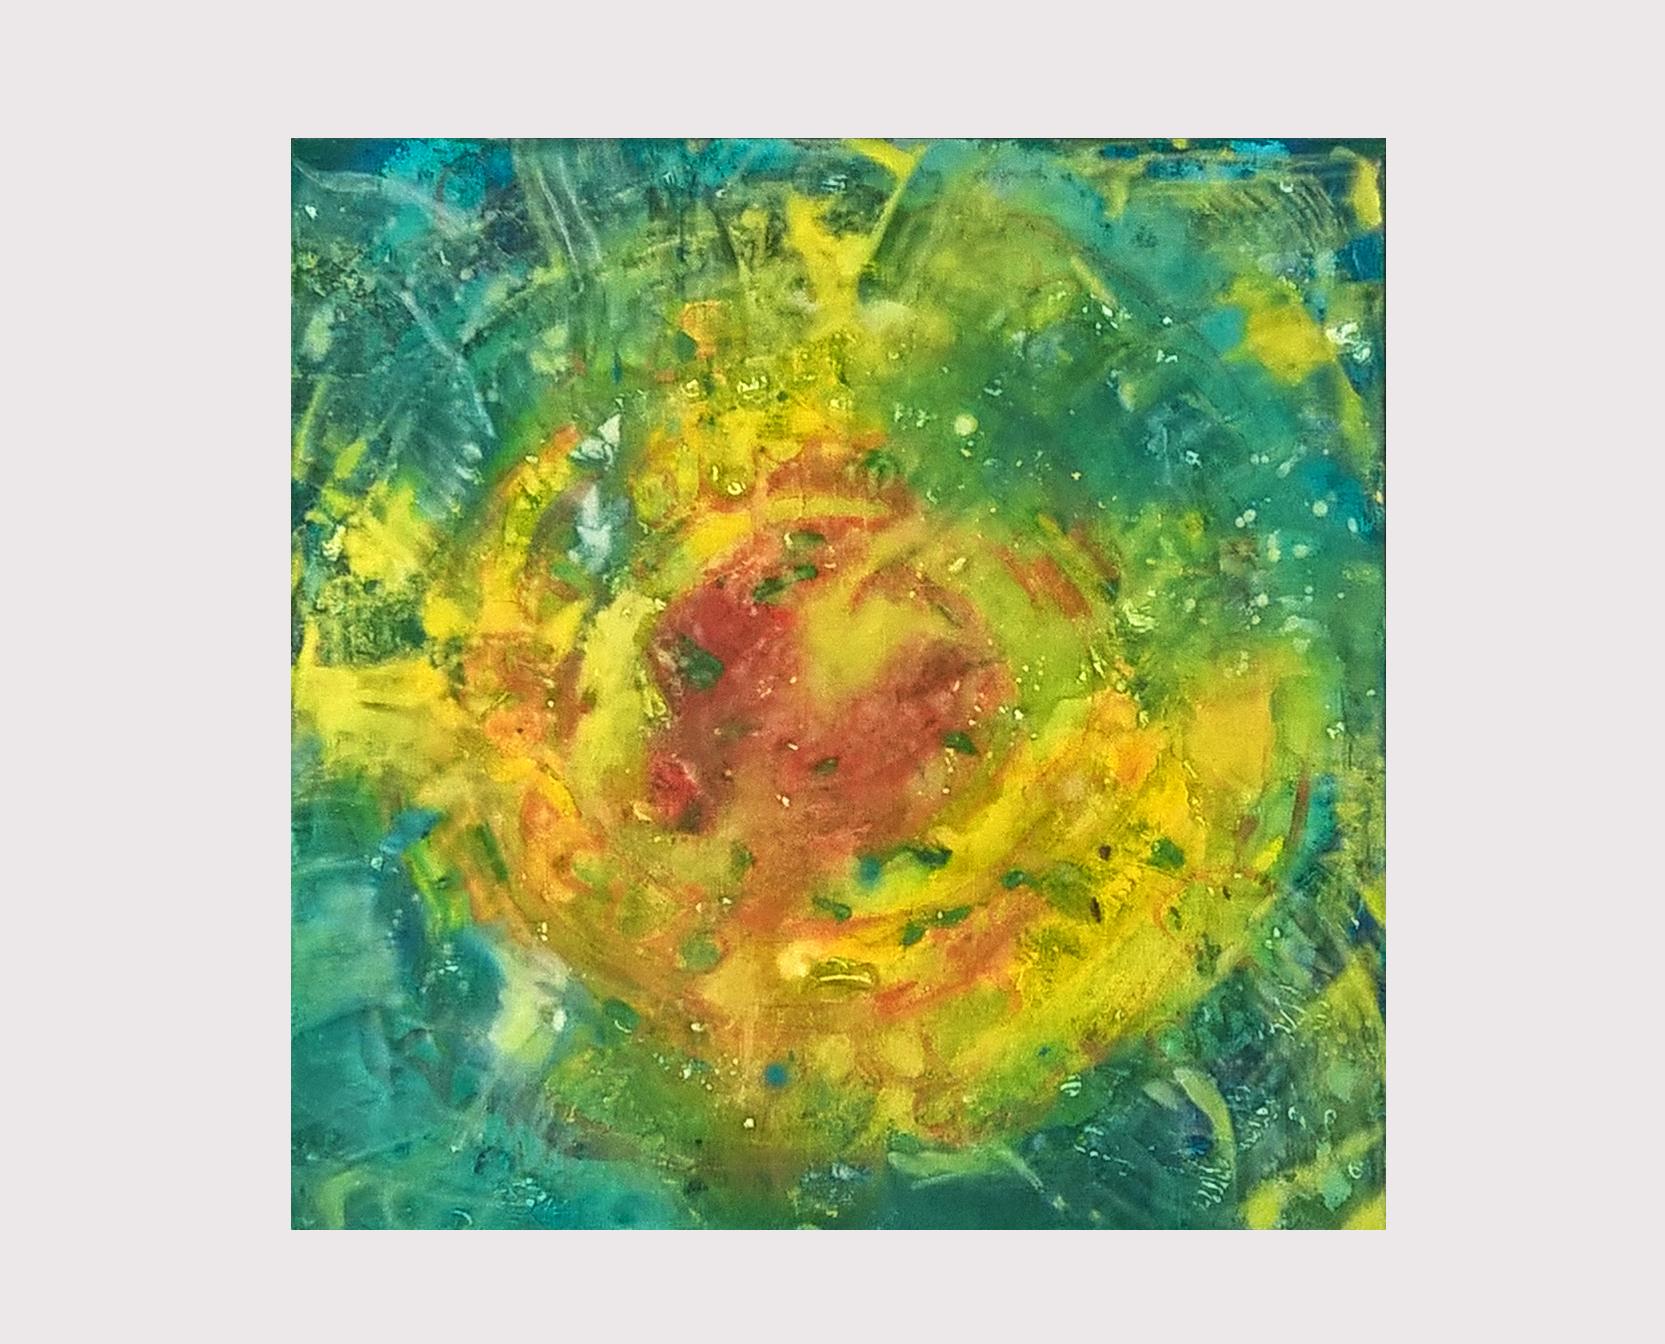 Elise Guietti_Inner Sun, Acrylic paint on canvas 50 x 50 cm